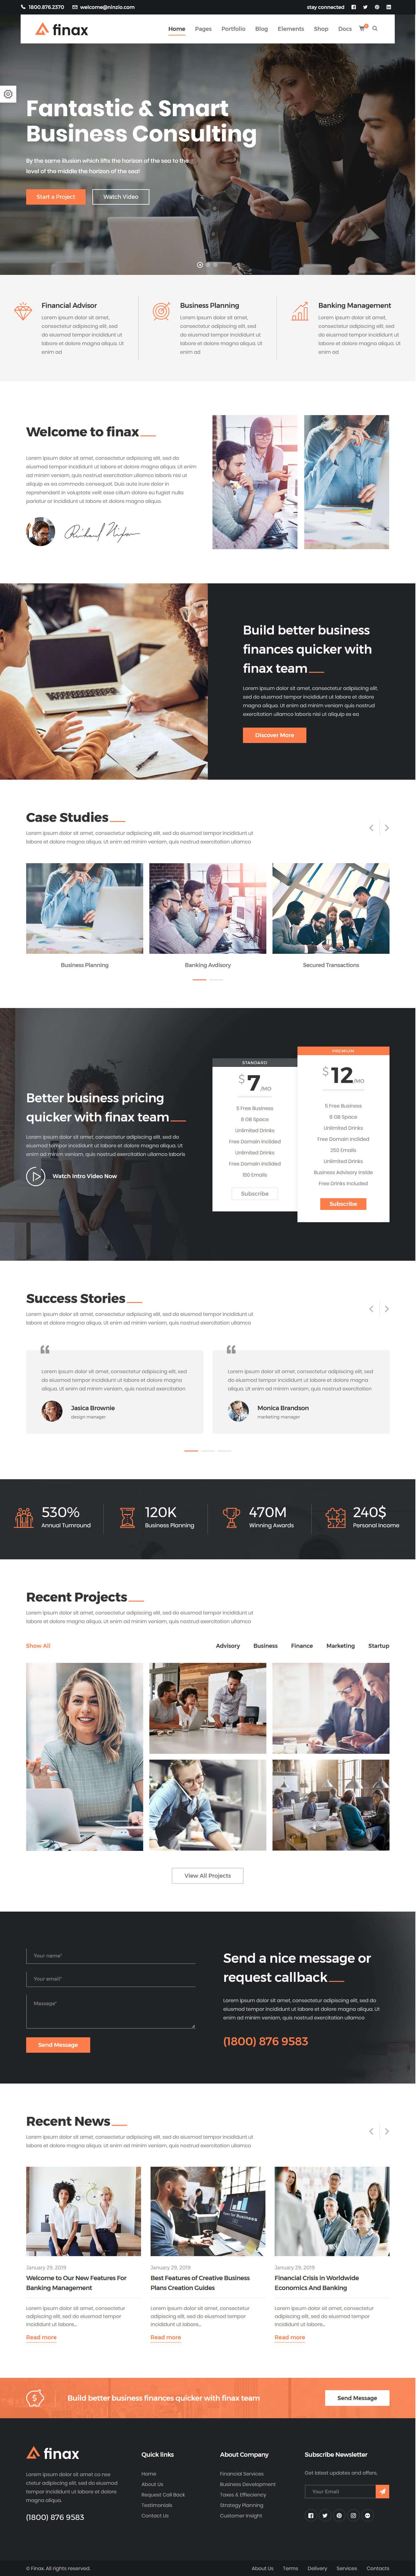 Finax: el mejor tema premium de WordPress para arrastrar y soltar